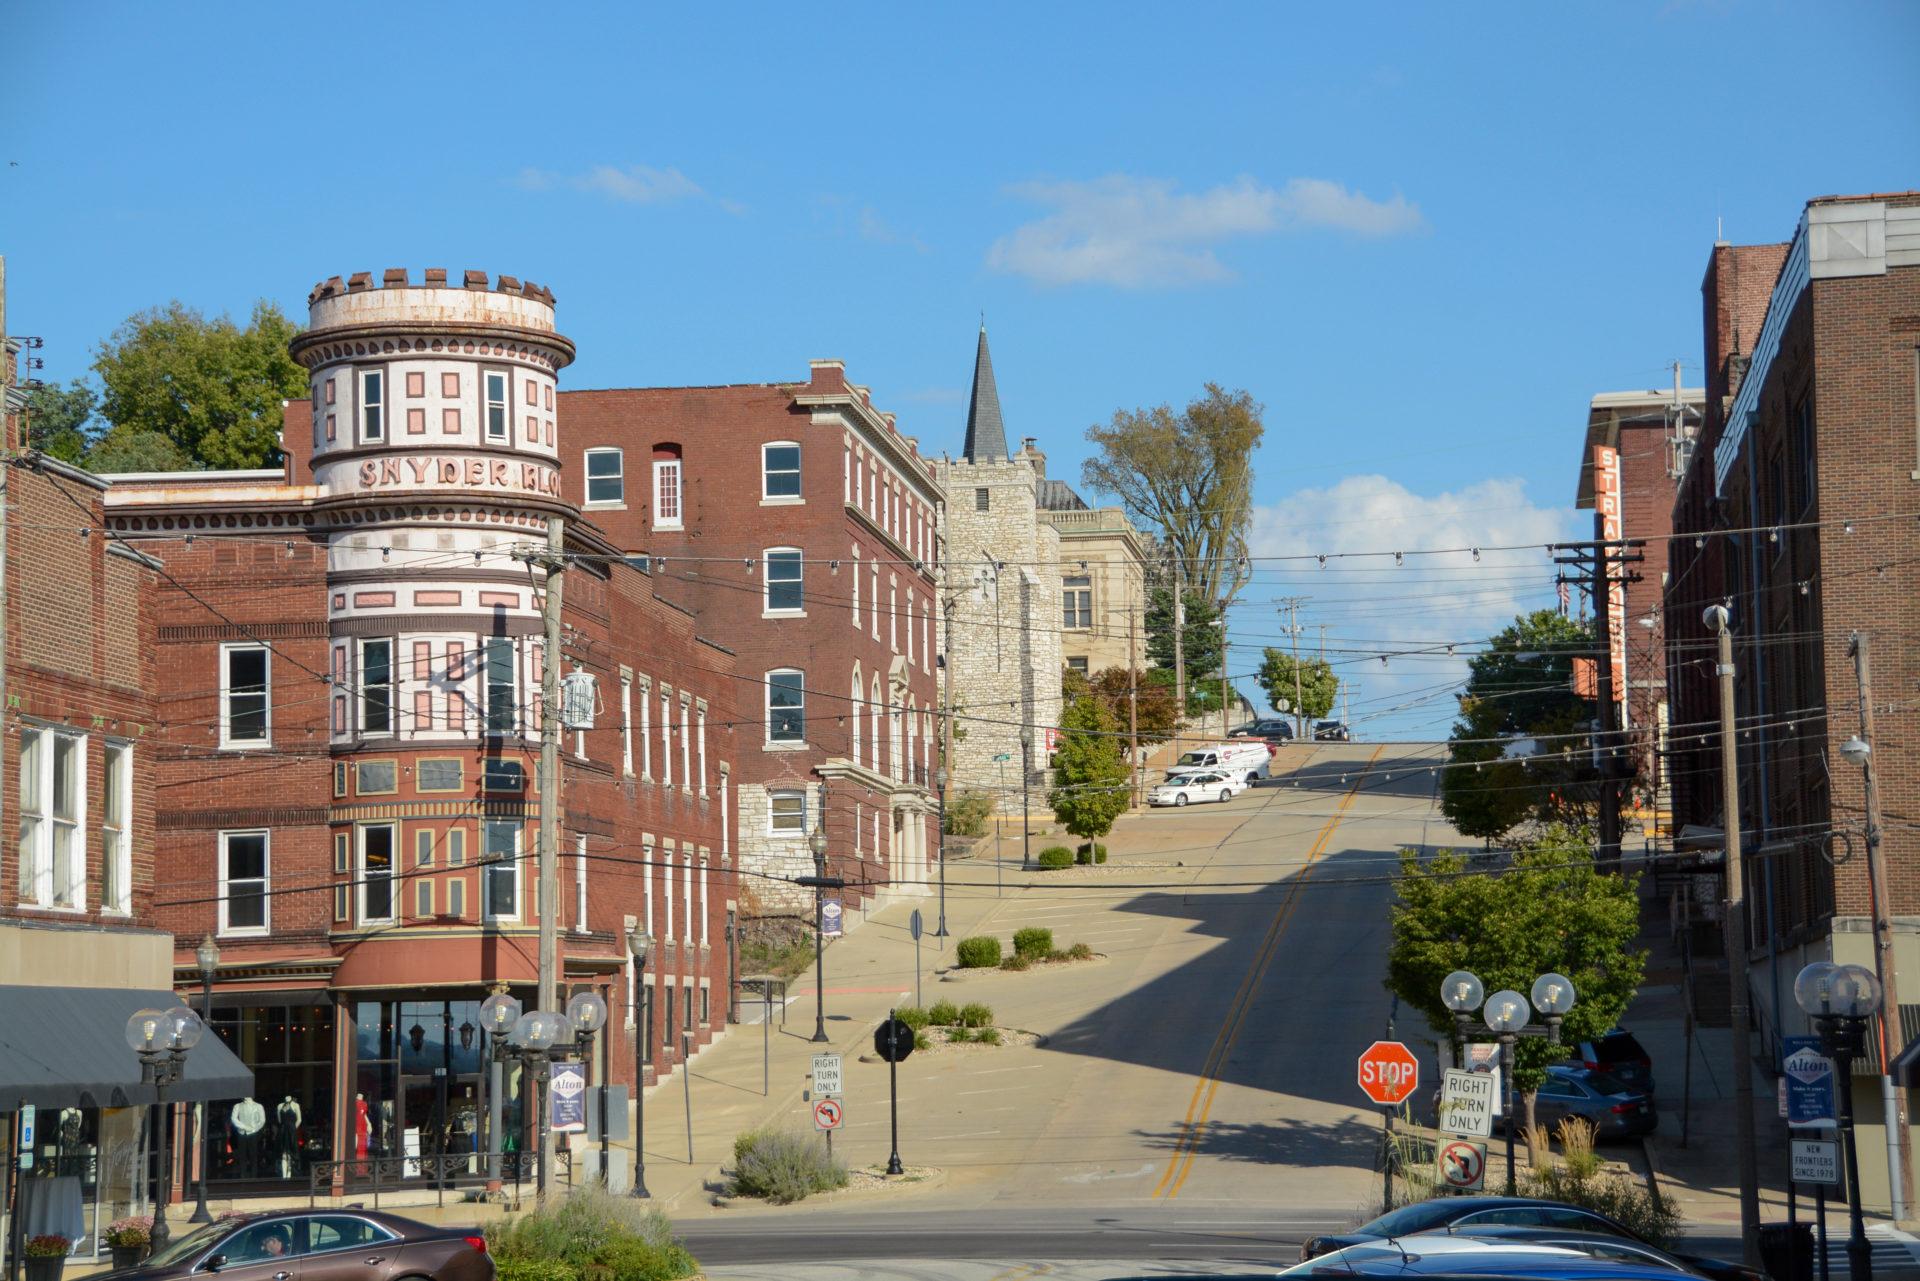 Stadtbild von Alton am Mississippi mit St. Anne Villen und Hügel